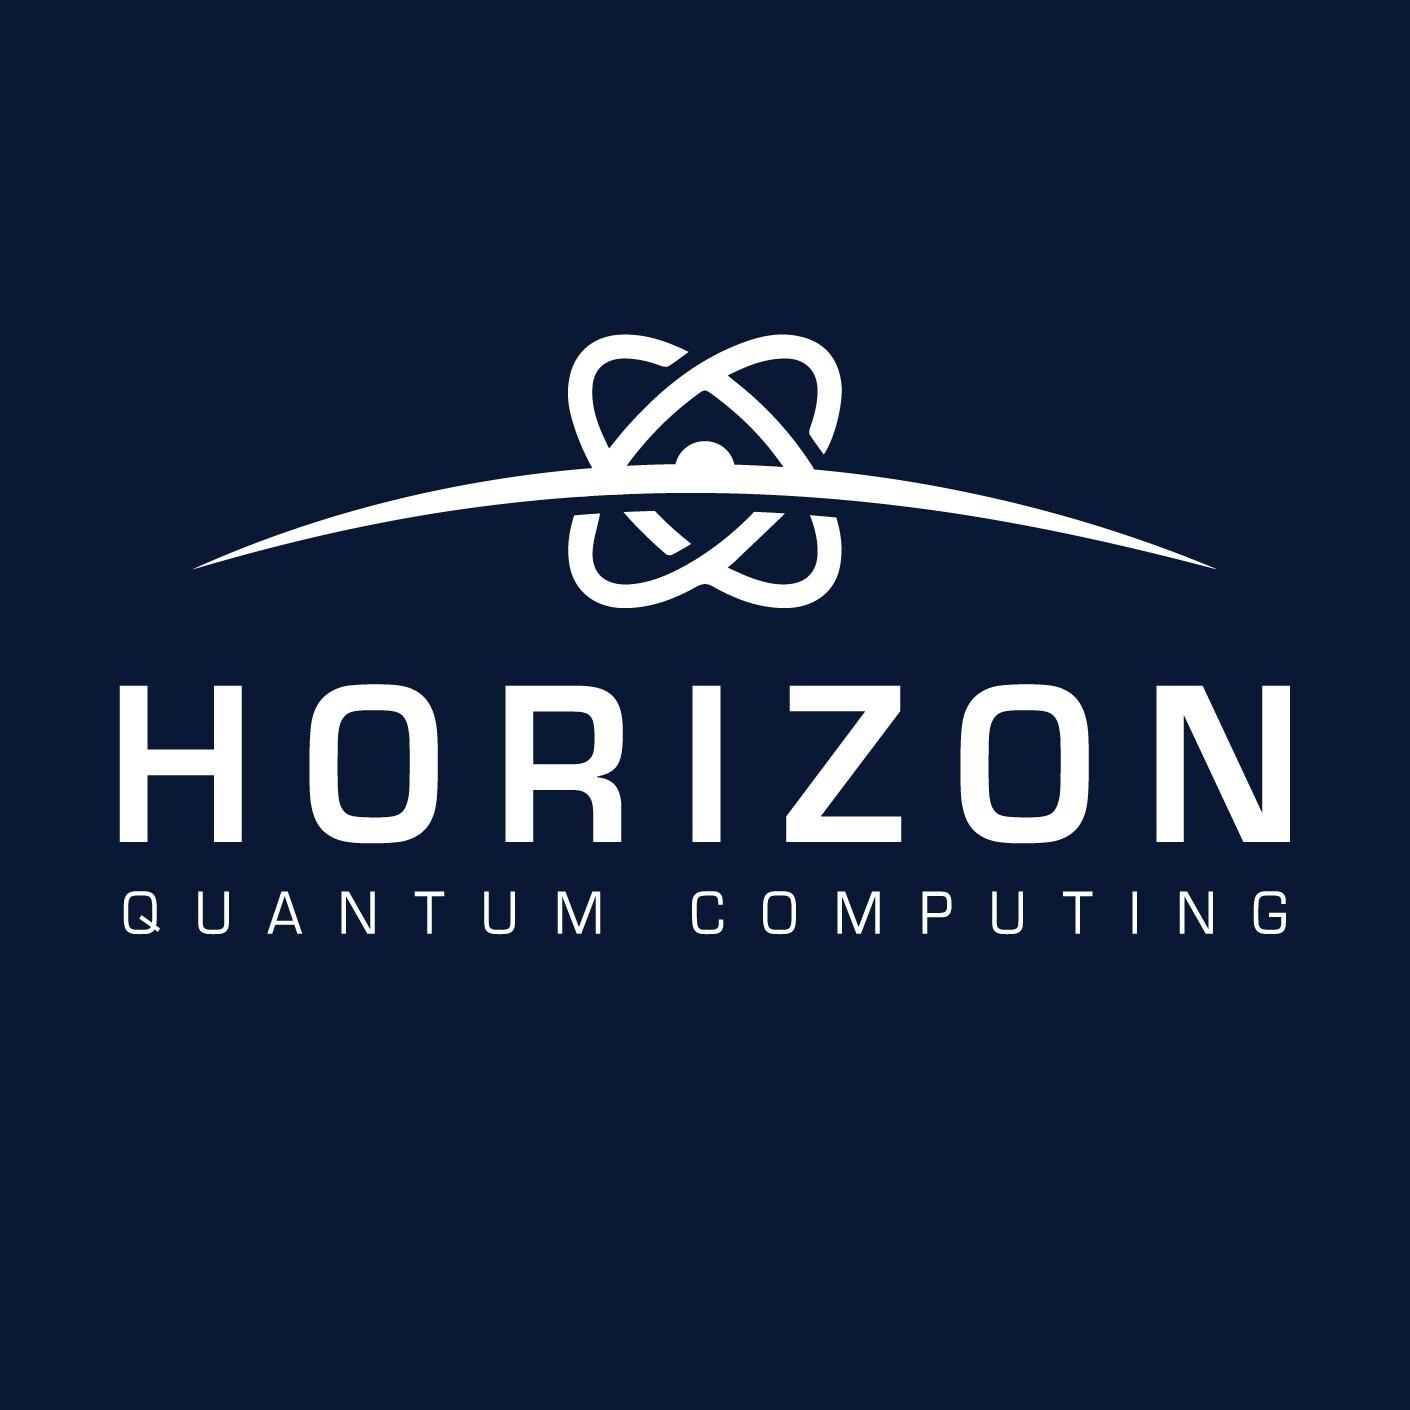 Horizon Quantum